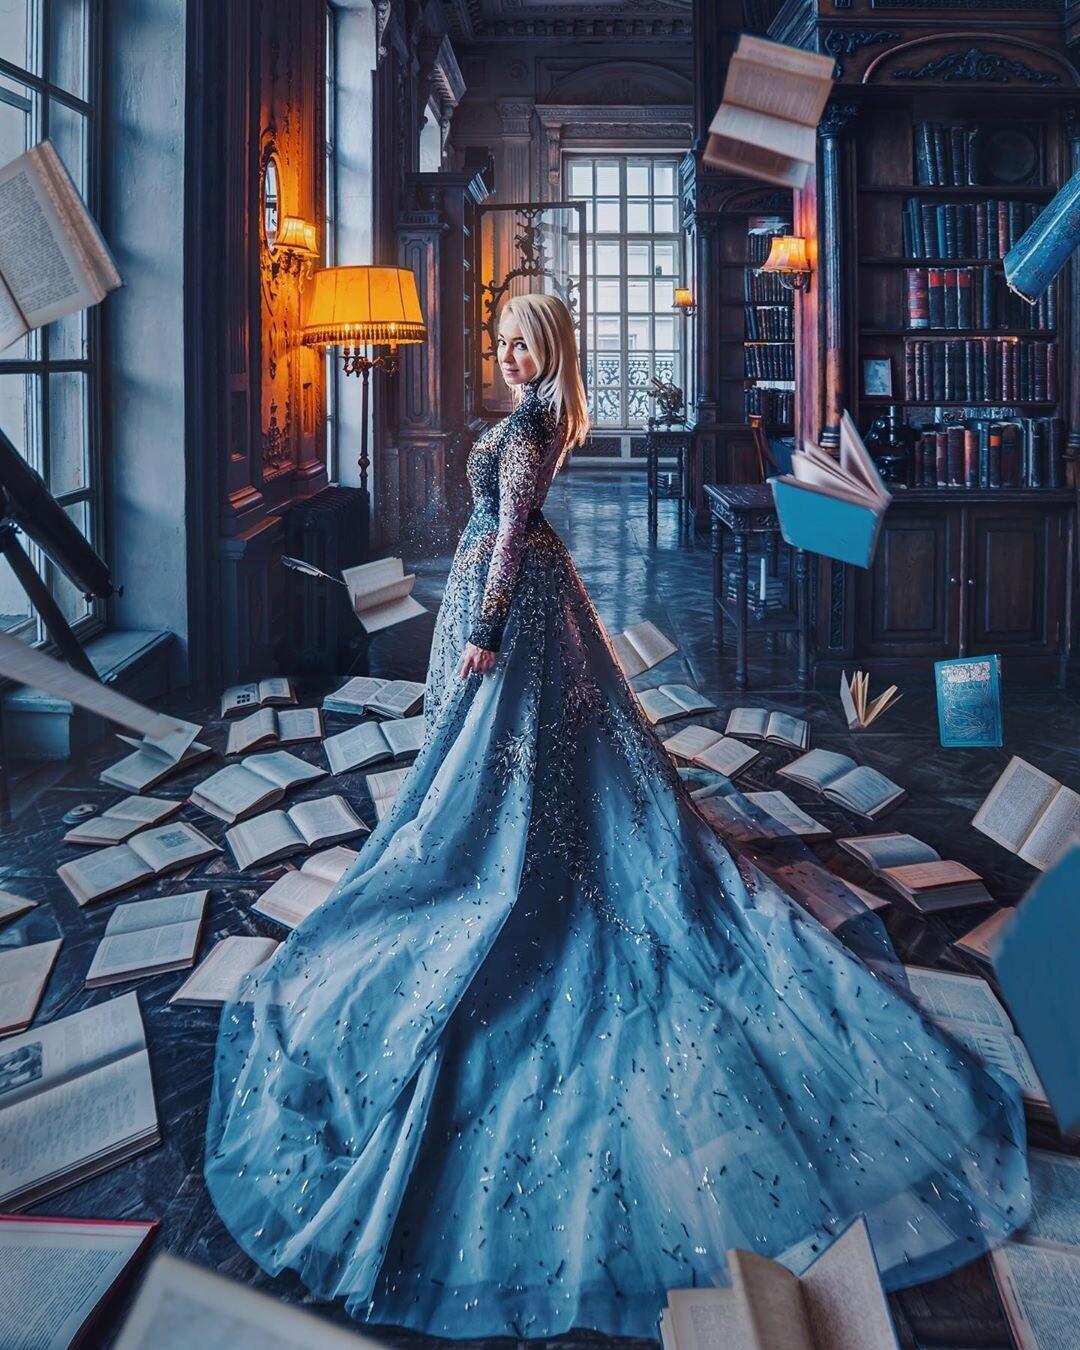 Яна Рудковская примерила платье с трехметровым шлейфом на бал дебютанток (видео)